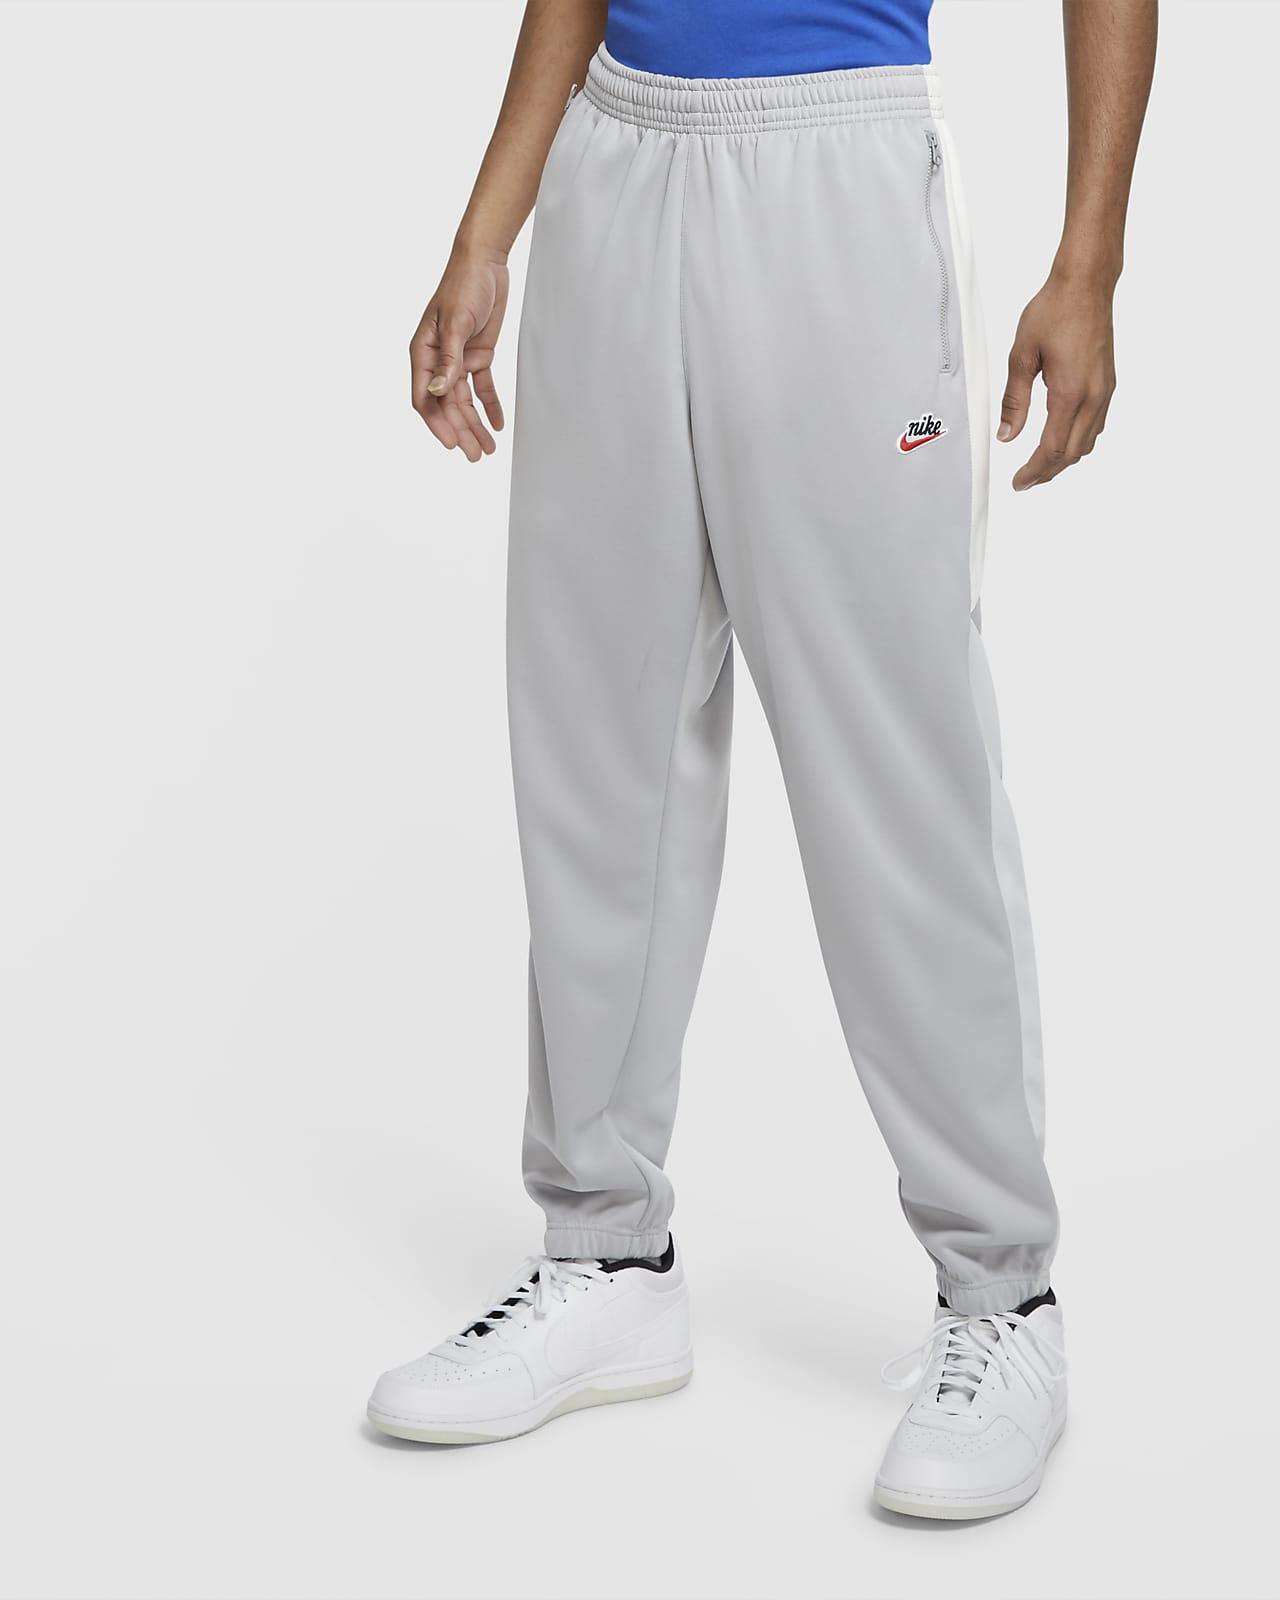 Nike Sportswear Heritage Men's Trousers